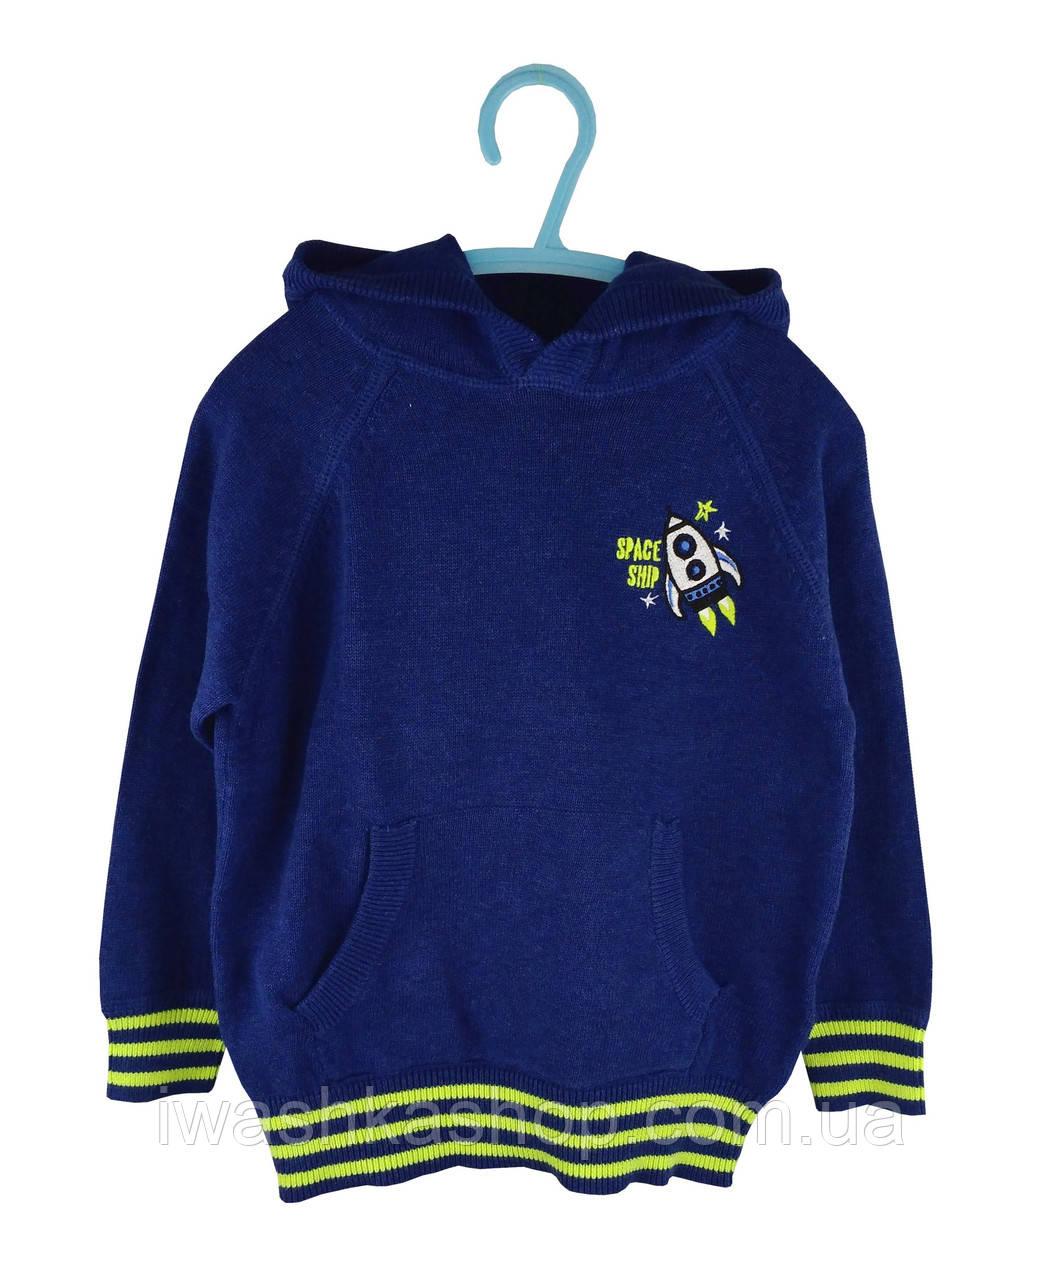 Джемпер тонкой вязки с капюшоном для мальчика 5 - 6 лет, р. 116, Kiki&Koko / KIK